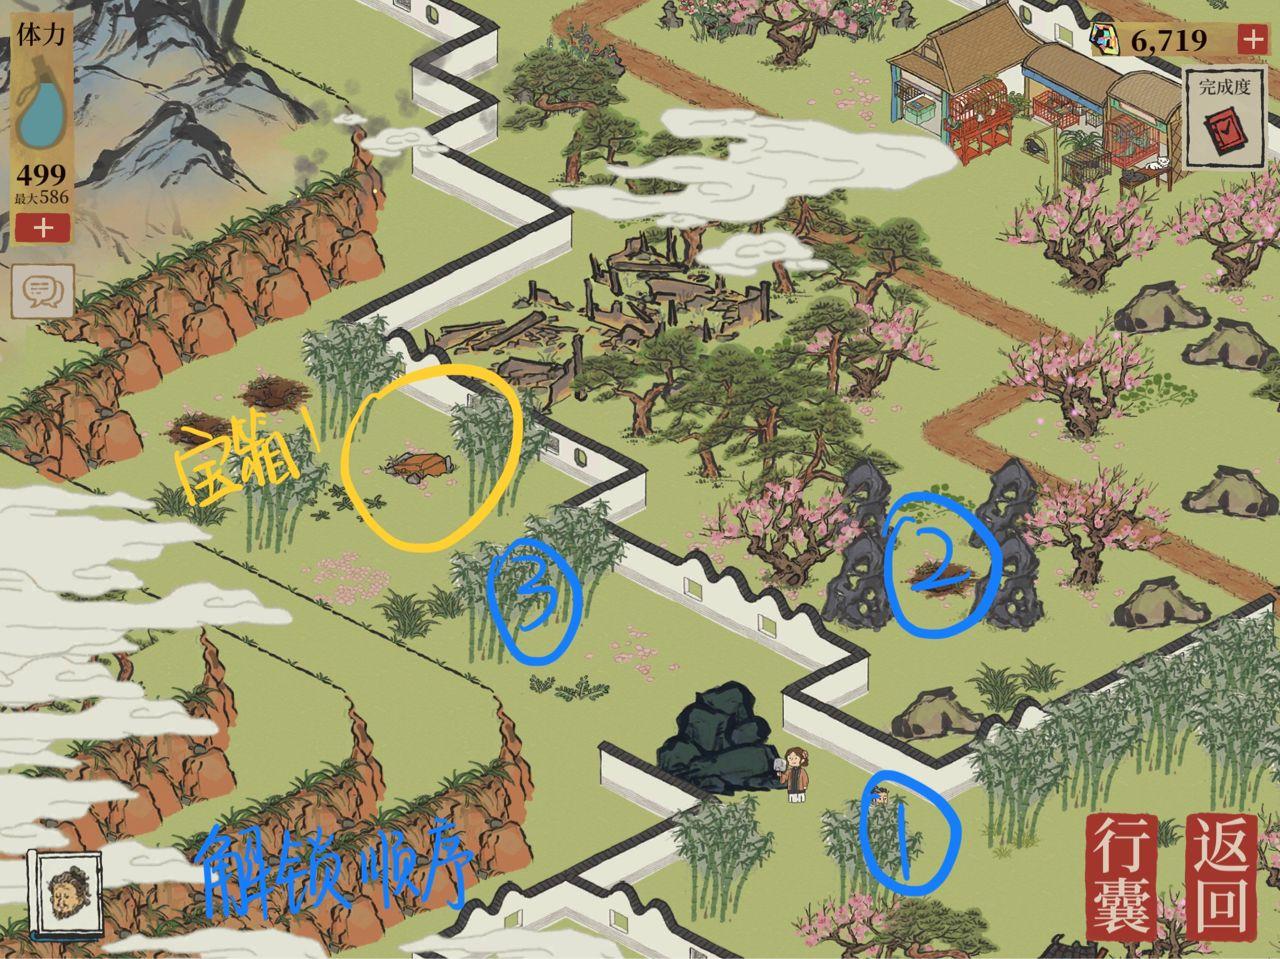 江南百景图桃花坞攻略大全:苏州探险第四章桃花坞完整攻略